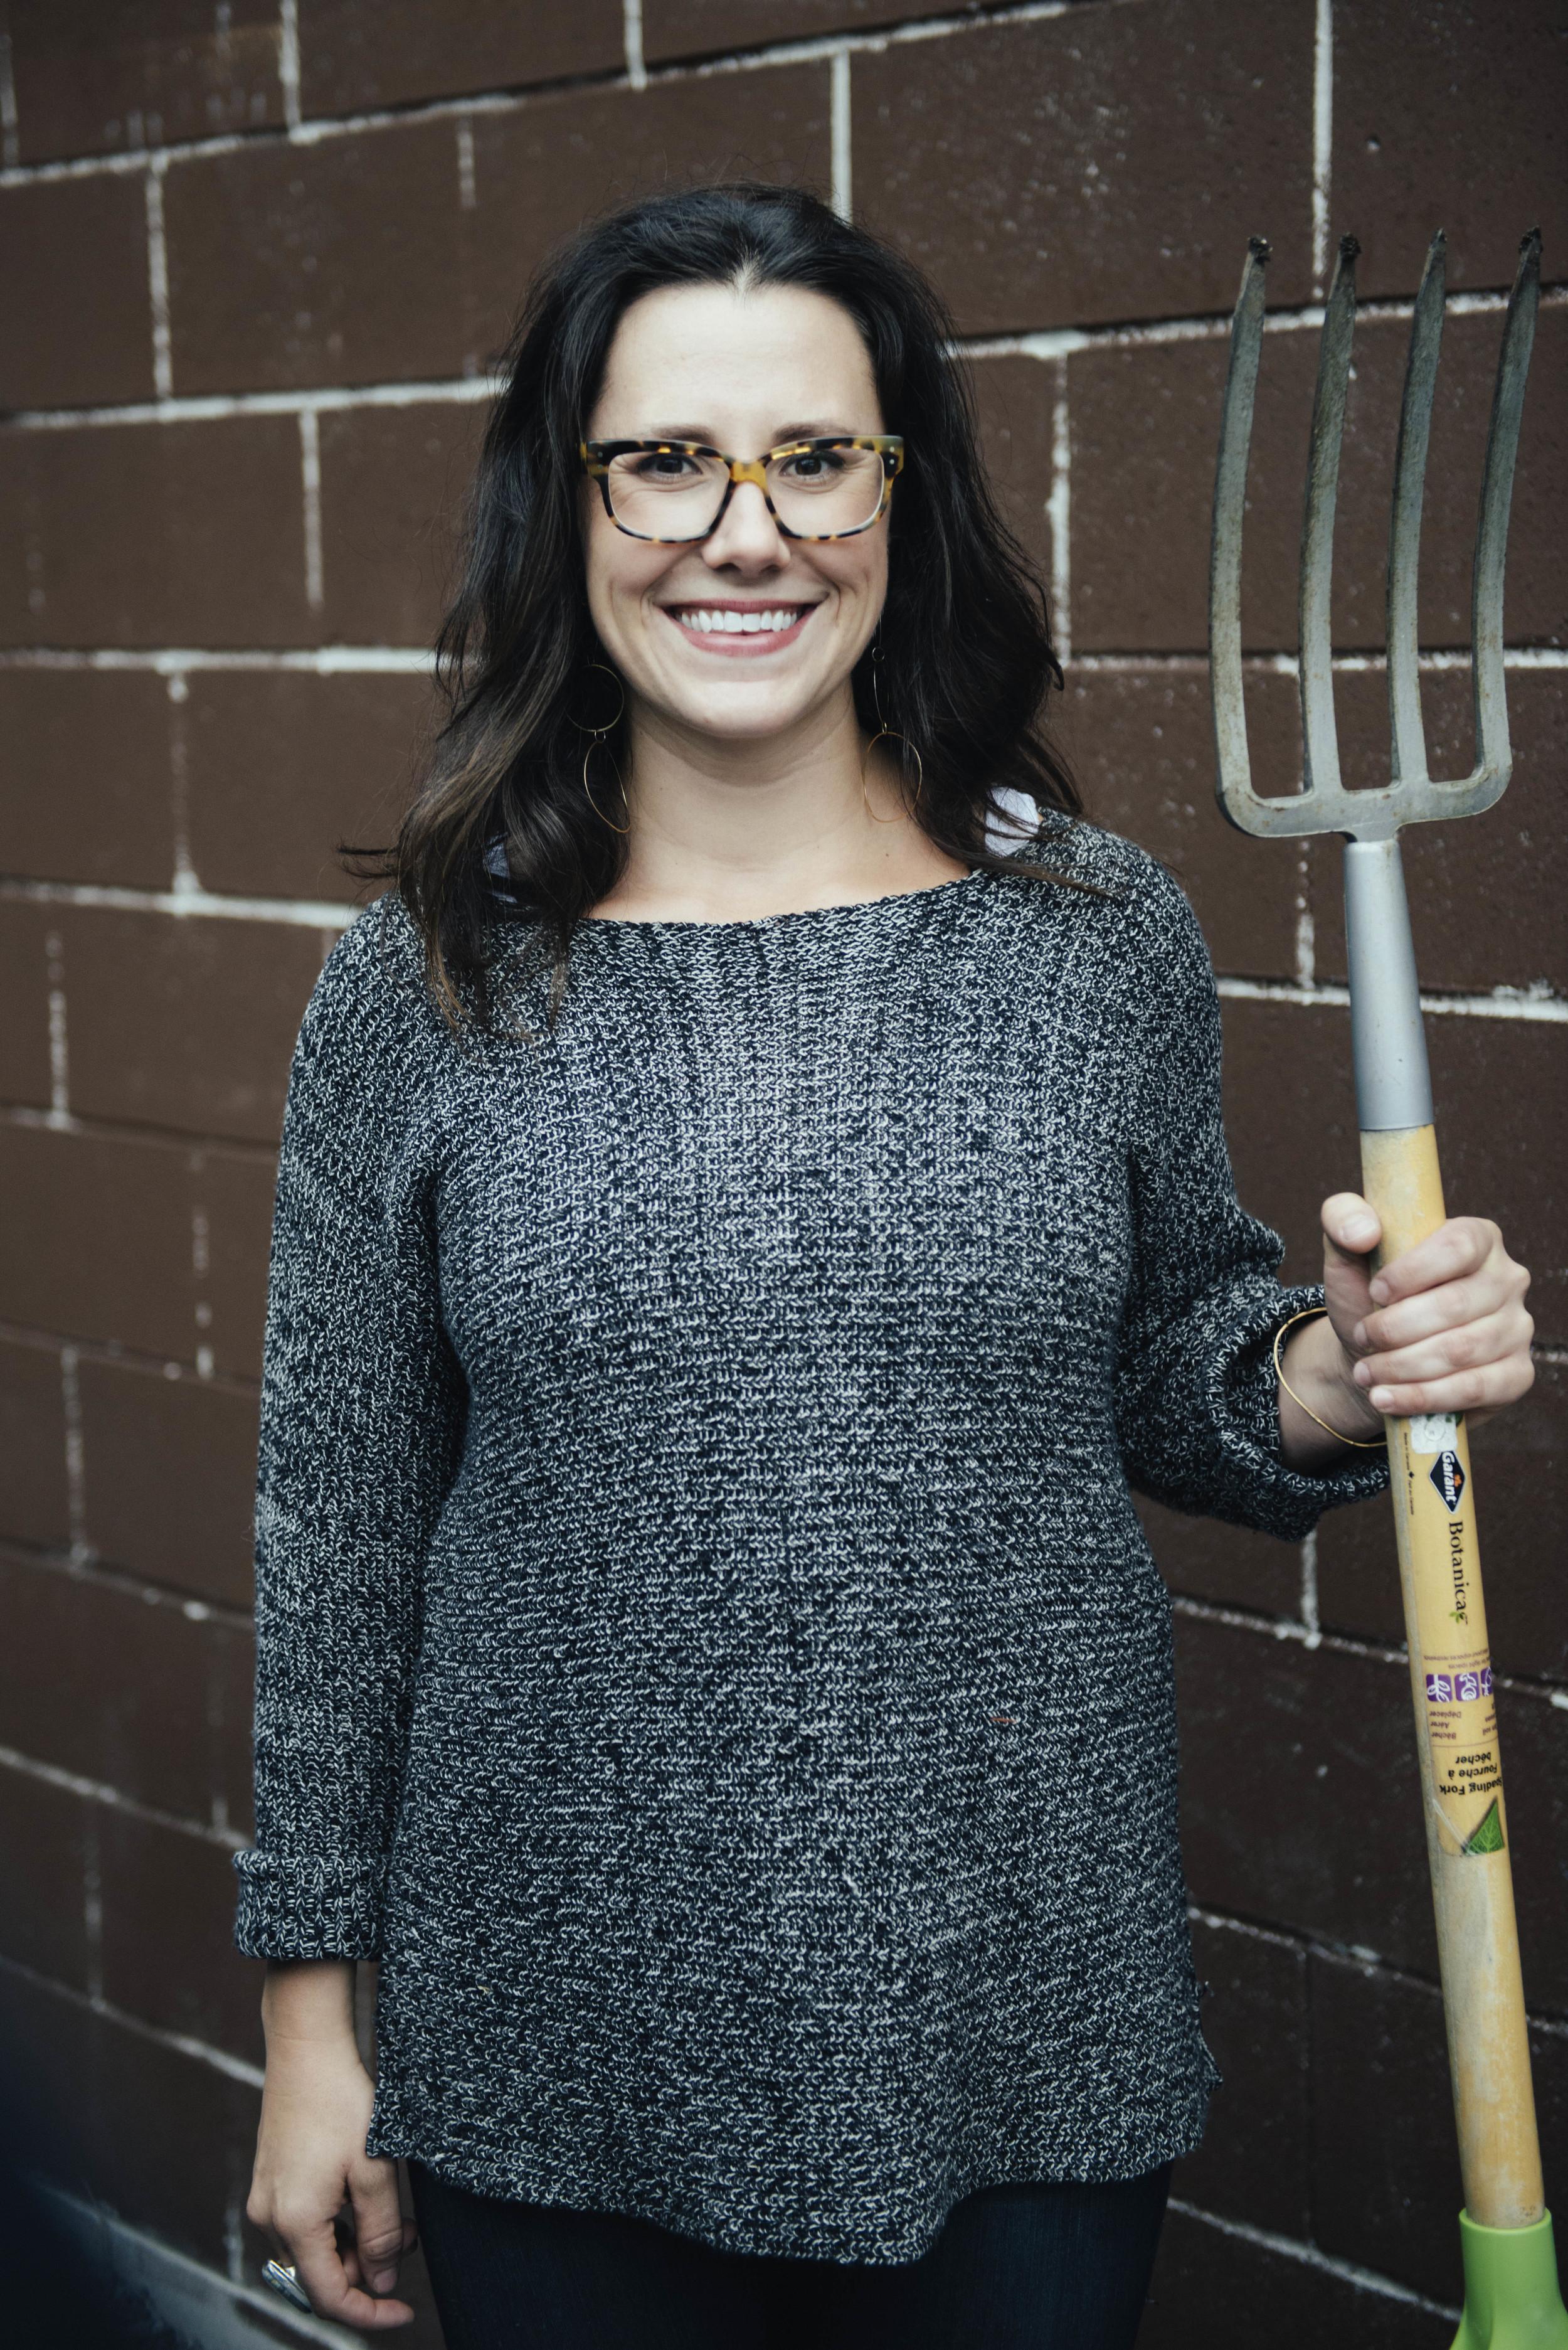 Katie Worobeck, organizer, gardener of the Whalesbone garden.